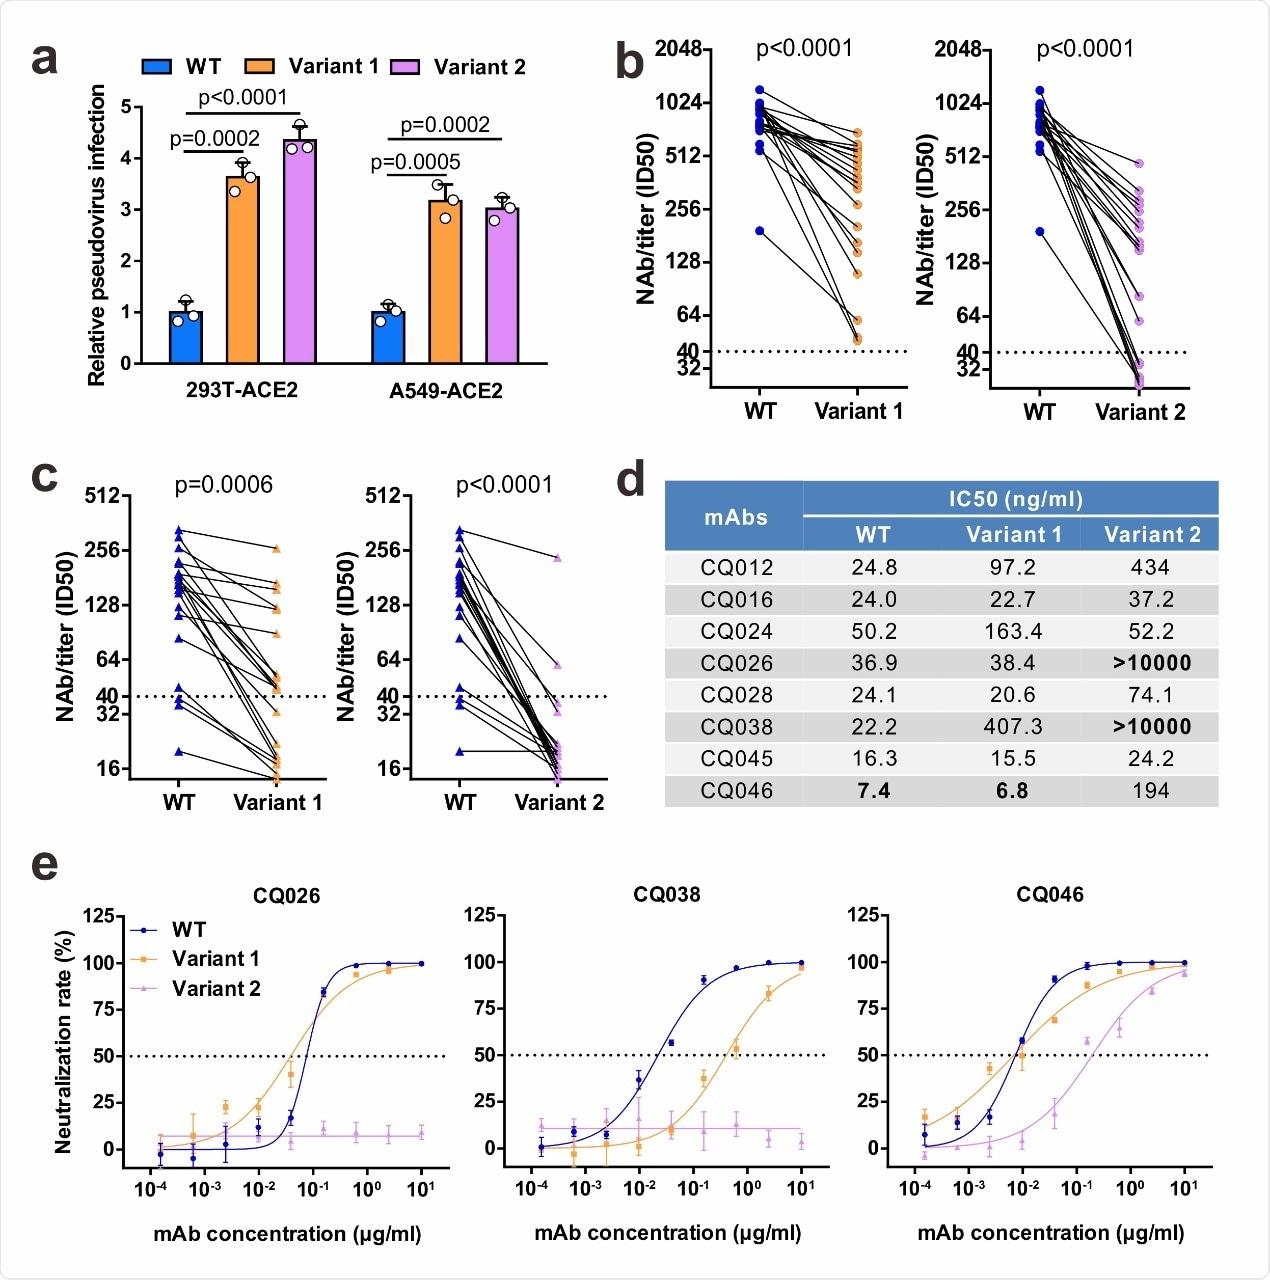 Actividades neutralizantes de sueros convalecientes y anticuerpos monoclonales frente a variantes del SARS-CoV-2.  a Infecciosidad de WT y seudovirus variantes realizadas en células 293T-ACE2 y A549-ACE2.  Las células se inocularon con dosis equivalentes de cada virus pseudotipado.  WT, virus pesudotipado de Spike de tipo salvaje (GenBank: 213 QHD43416);  Variante 1, virus pesudotipado Spike mutante N501Y.V1 (que contiene deleción H60 / V70, deleción Y144, N501Y, 215 A570D, D614G, P681H, T716I, S982A, D1118H);  Variante 2, virus pesudotipado Spike mutante N501Y.V2 (que contiene K417N, E484K, N501Y, D614G).  bc Neutralización de pesueovirus WT y variantes por sueros convalecientes.  Se realizaron ensayos de neutralización basados en pseudovirus para detectar títulos de anticuerpos neutralizantes (NAb) contra el SARS-CoV-2.  Los umbrales de detección fueron 1:40 de ID50.  Se extrajeron veinte sueros (indicados por círculos) de 5 a 33 días después del inicio de los síntomas (b);  Se extrajeron 20 sueros (indicados por triángulos) ~ 8 meses después del inicio de los síntomas (c).  de Las concentraciones inhibitorias semimáximas (IC50) para anticuerpos monoclonales (mAb) probados contra pseudovirus (d) y curvas de neutralización representativas (e).  La significación estadística se determinó mediante ANOVA de una vía.